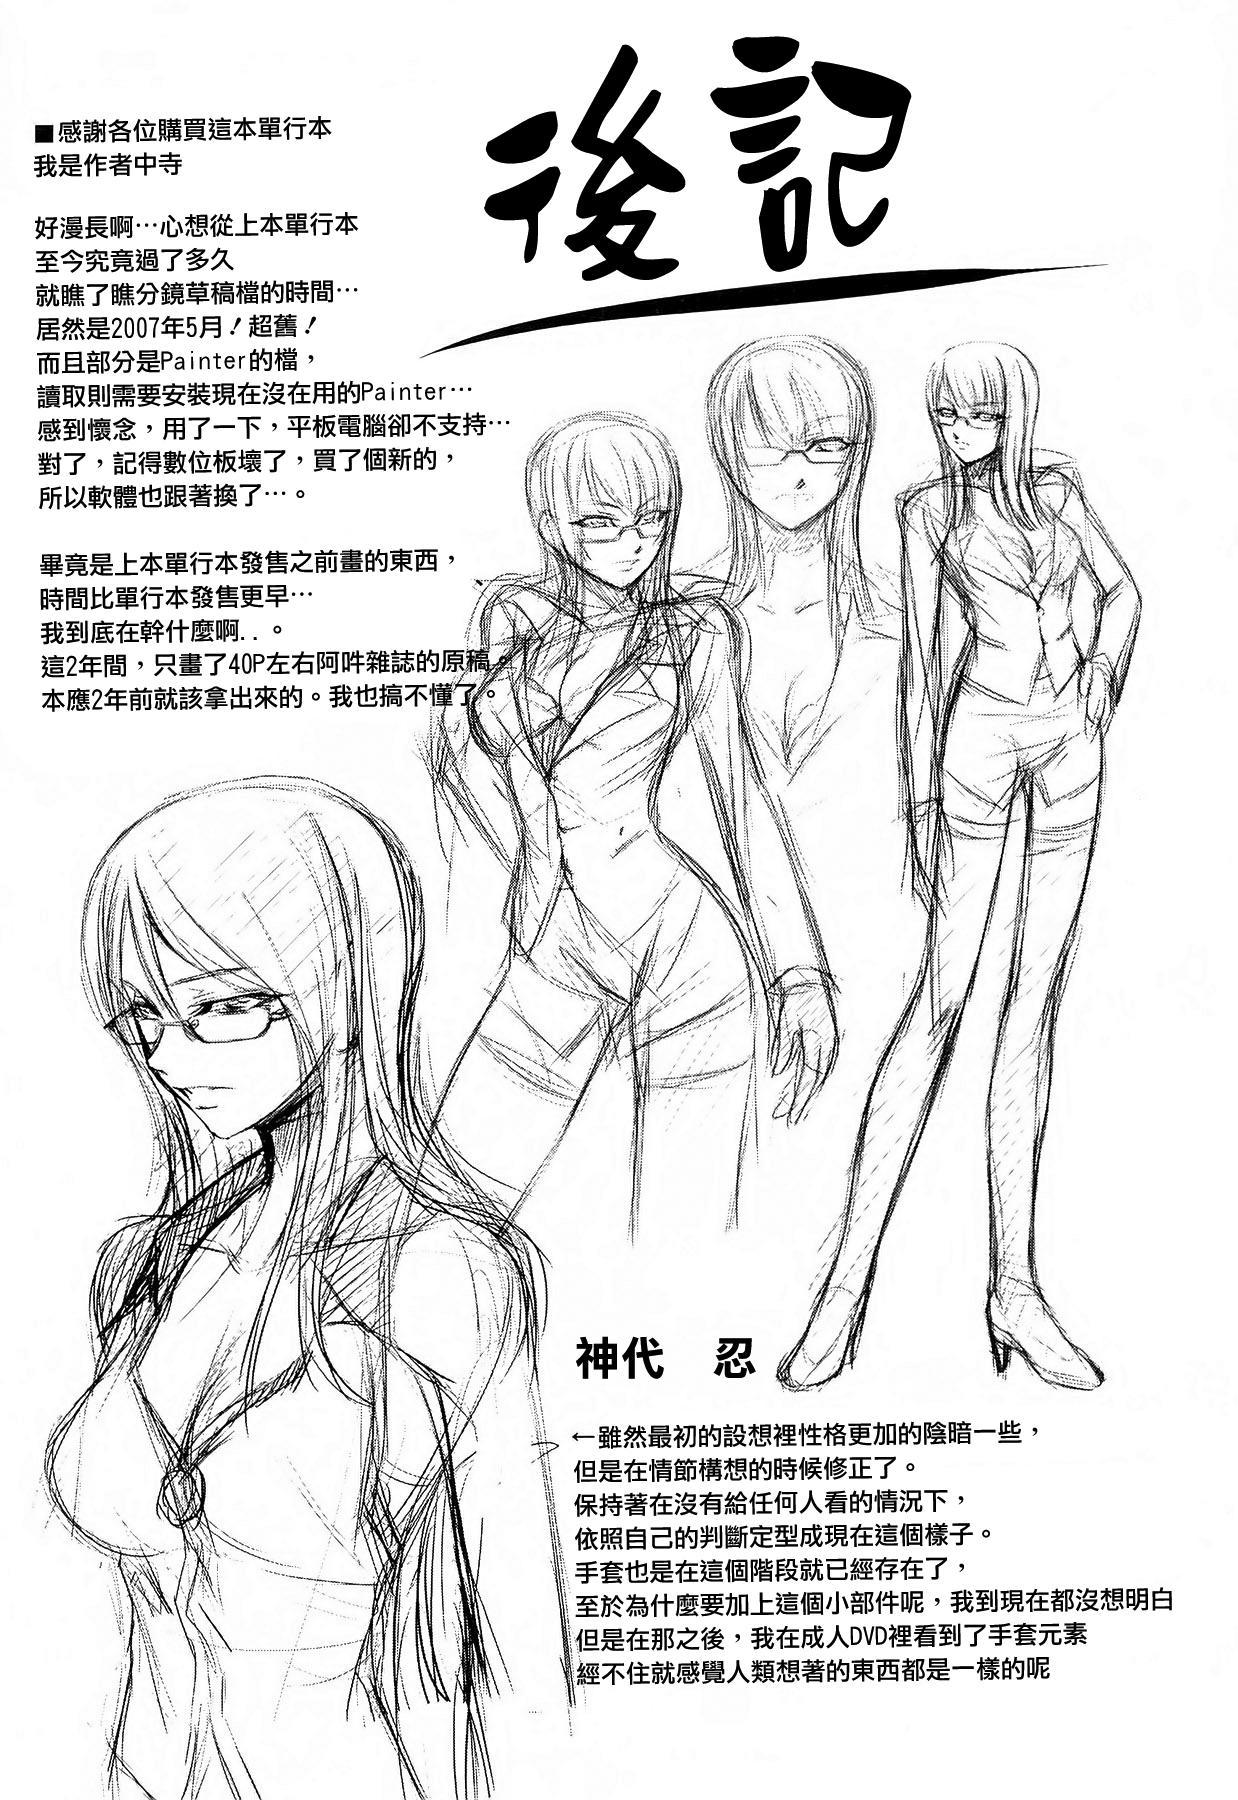 Onna Kyoushi no Renai Jijou 214